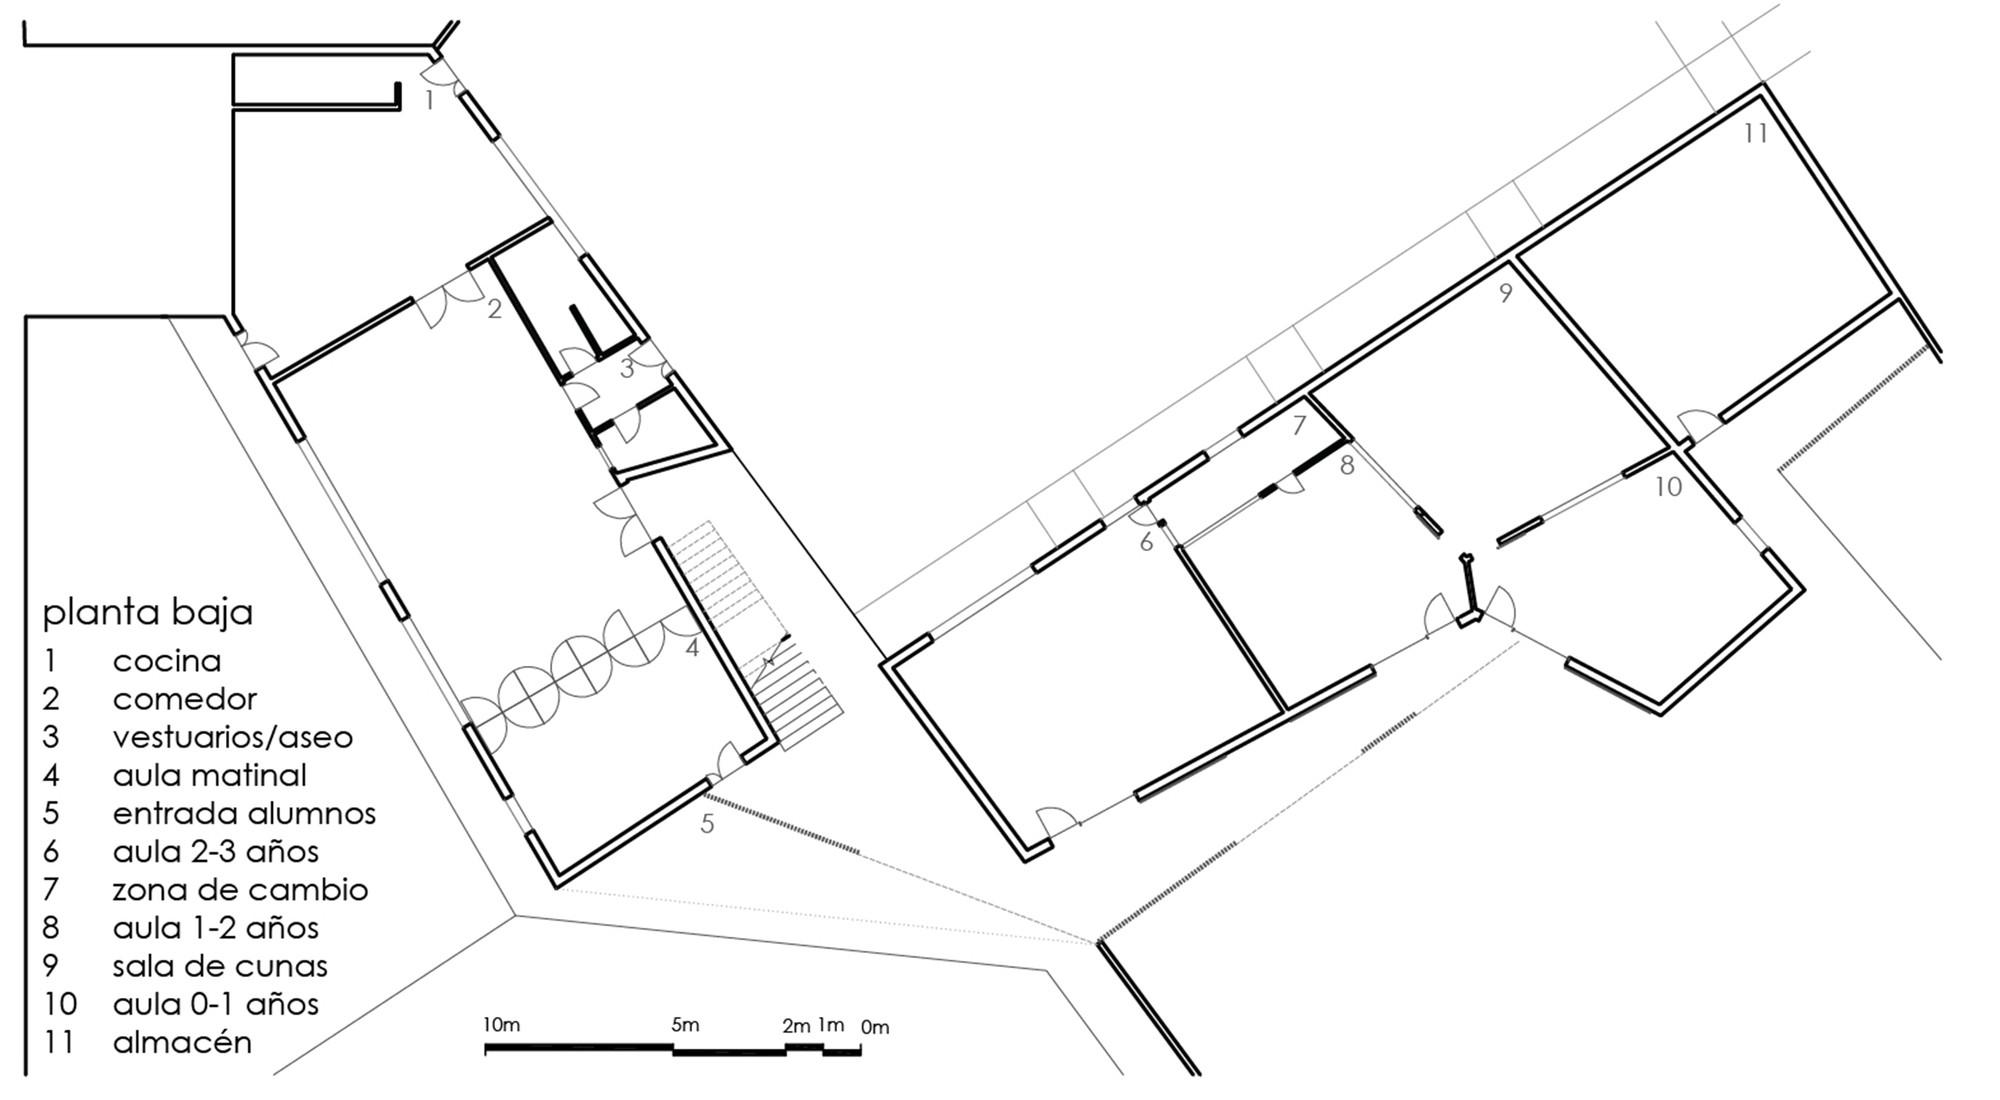 Extremamente Galeria de Centro de Educação Infantil Bambi / Plan9 - 20 LO68